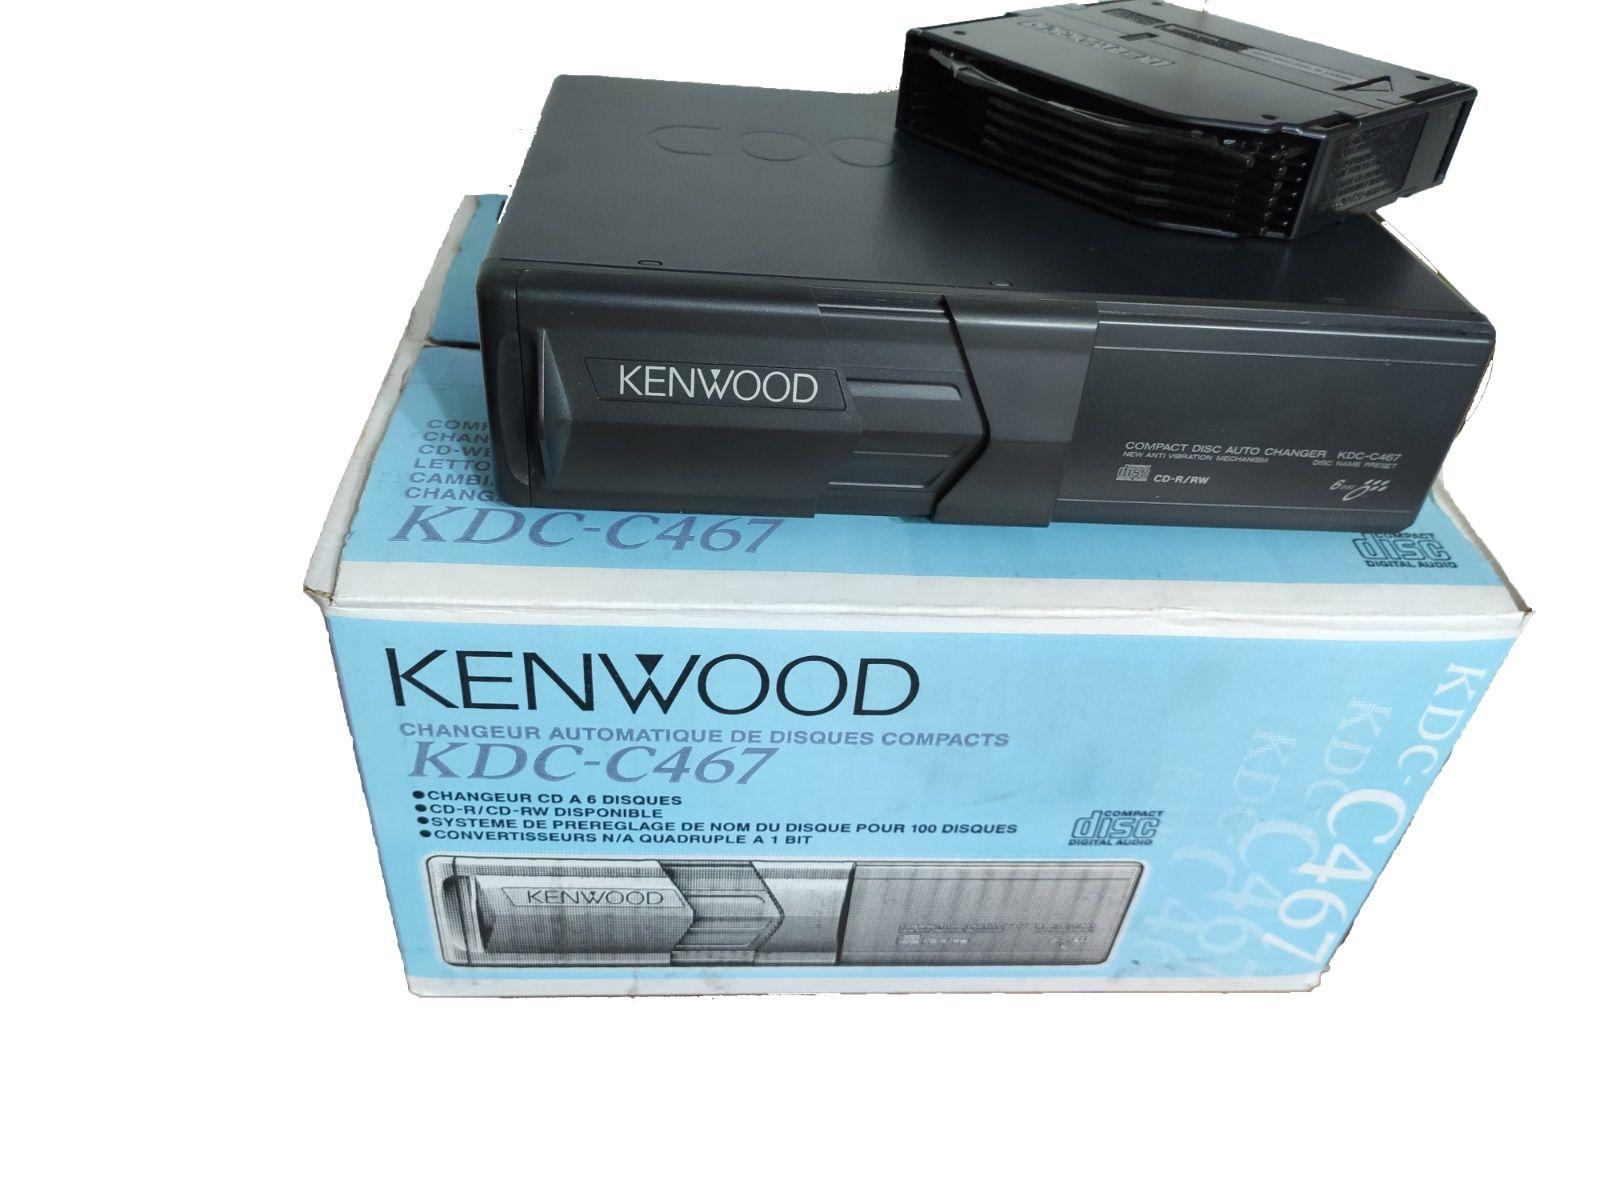 CD měnič Kenwood KDC-C467 - Autoradia-Hifi.cz